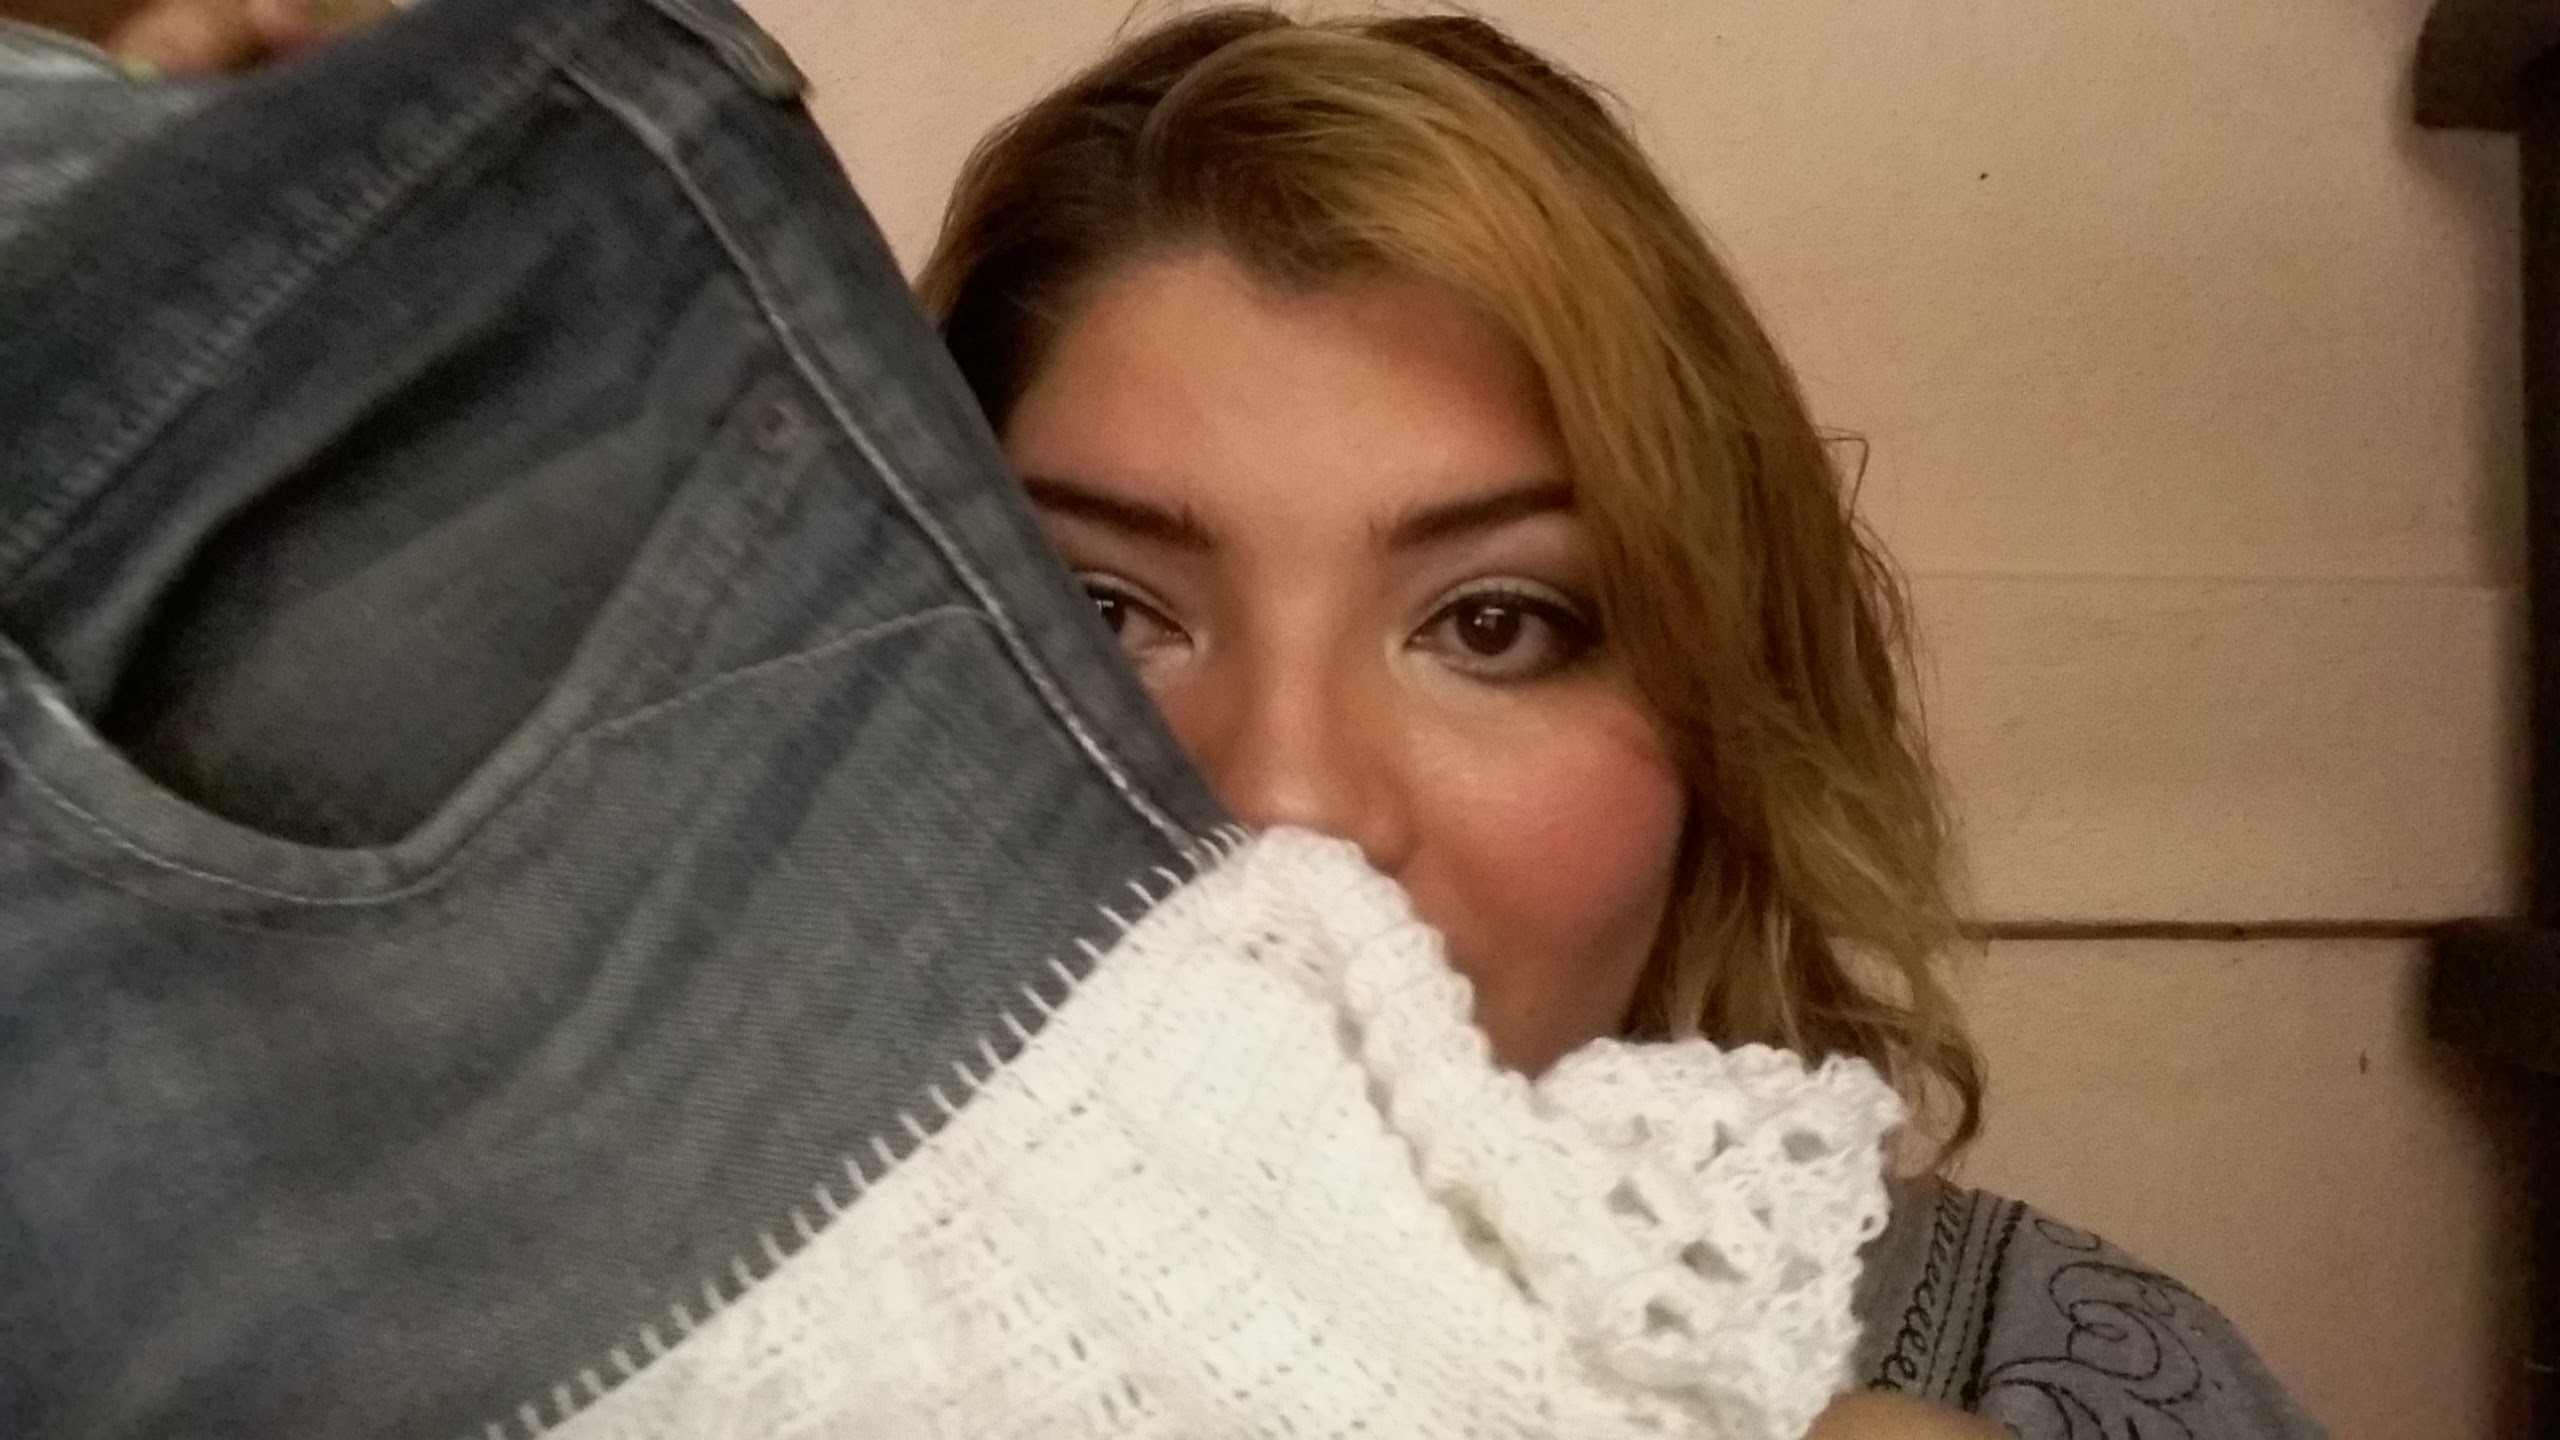 DIY renueva tu ropa | convierte un jeans viejo en una falda y agrégale un detalle a crochet o encaje